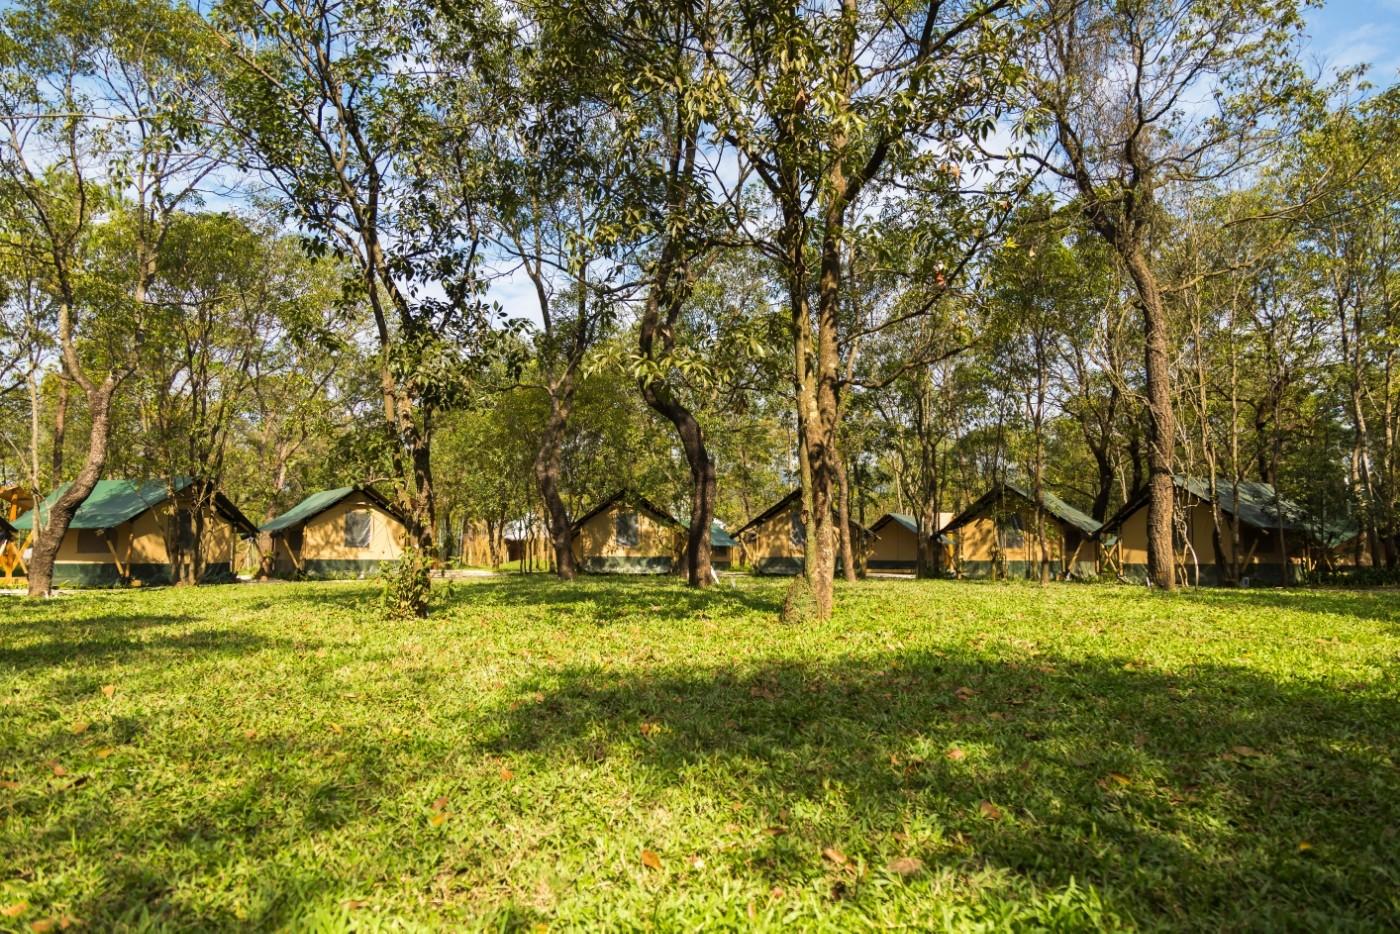 喜马拉雅青少年教育营地—广州和营天下平地帐篷酒店13